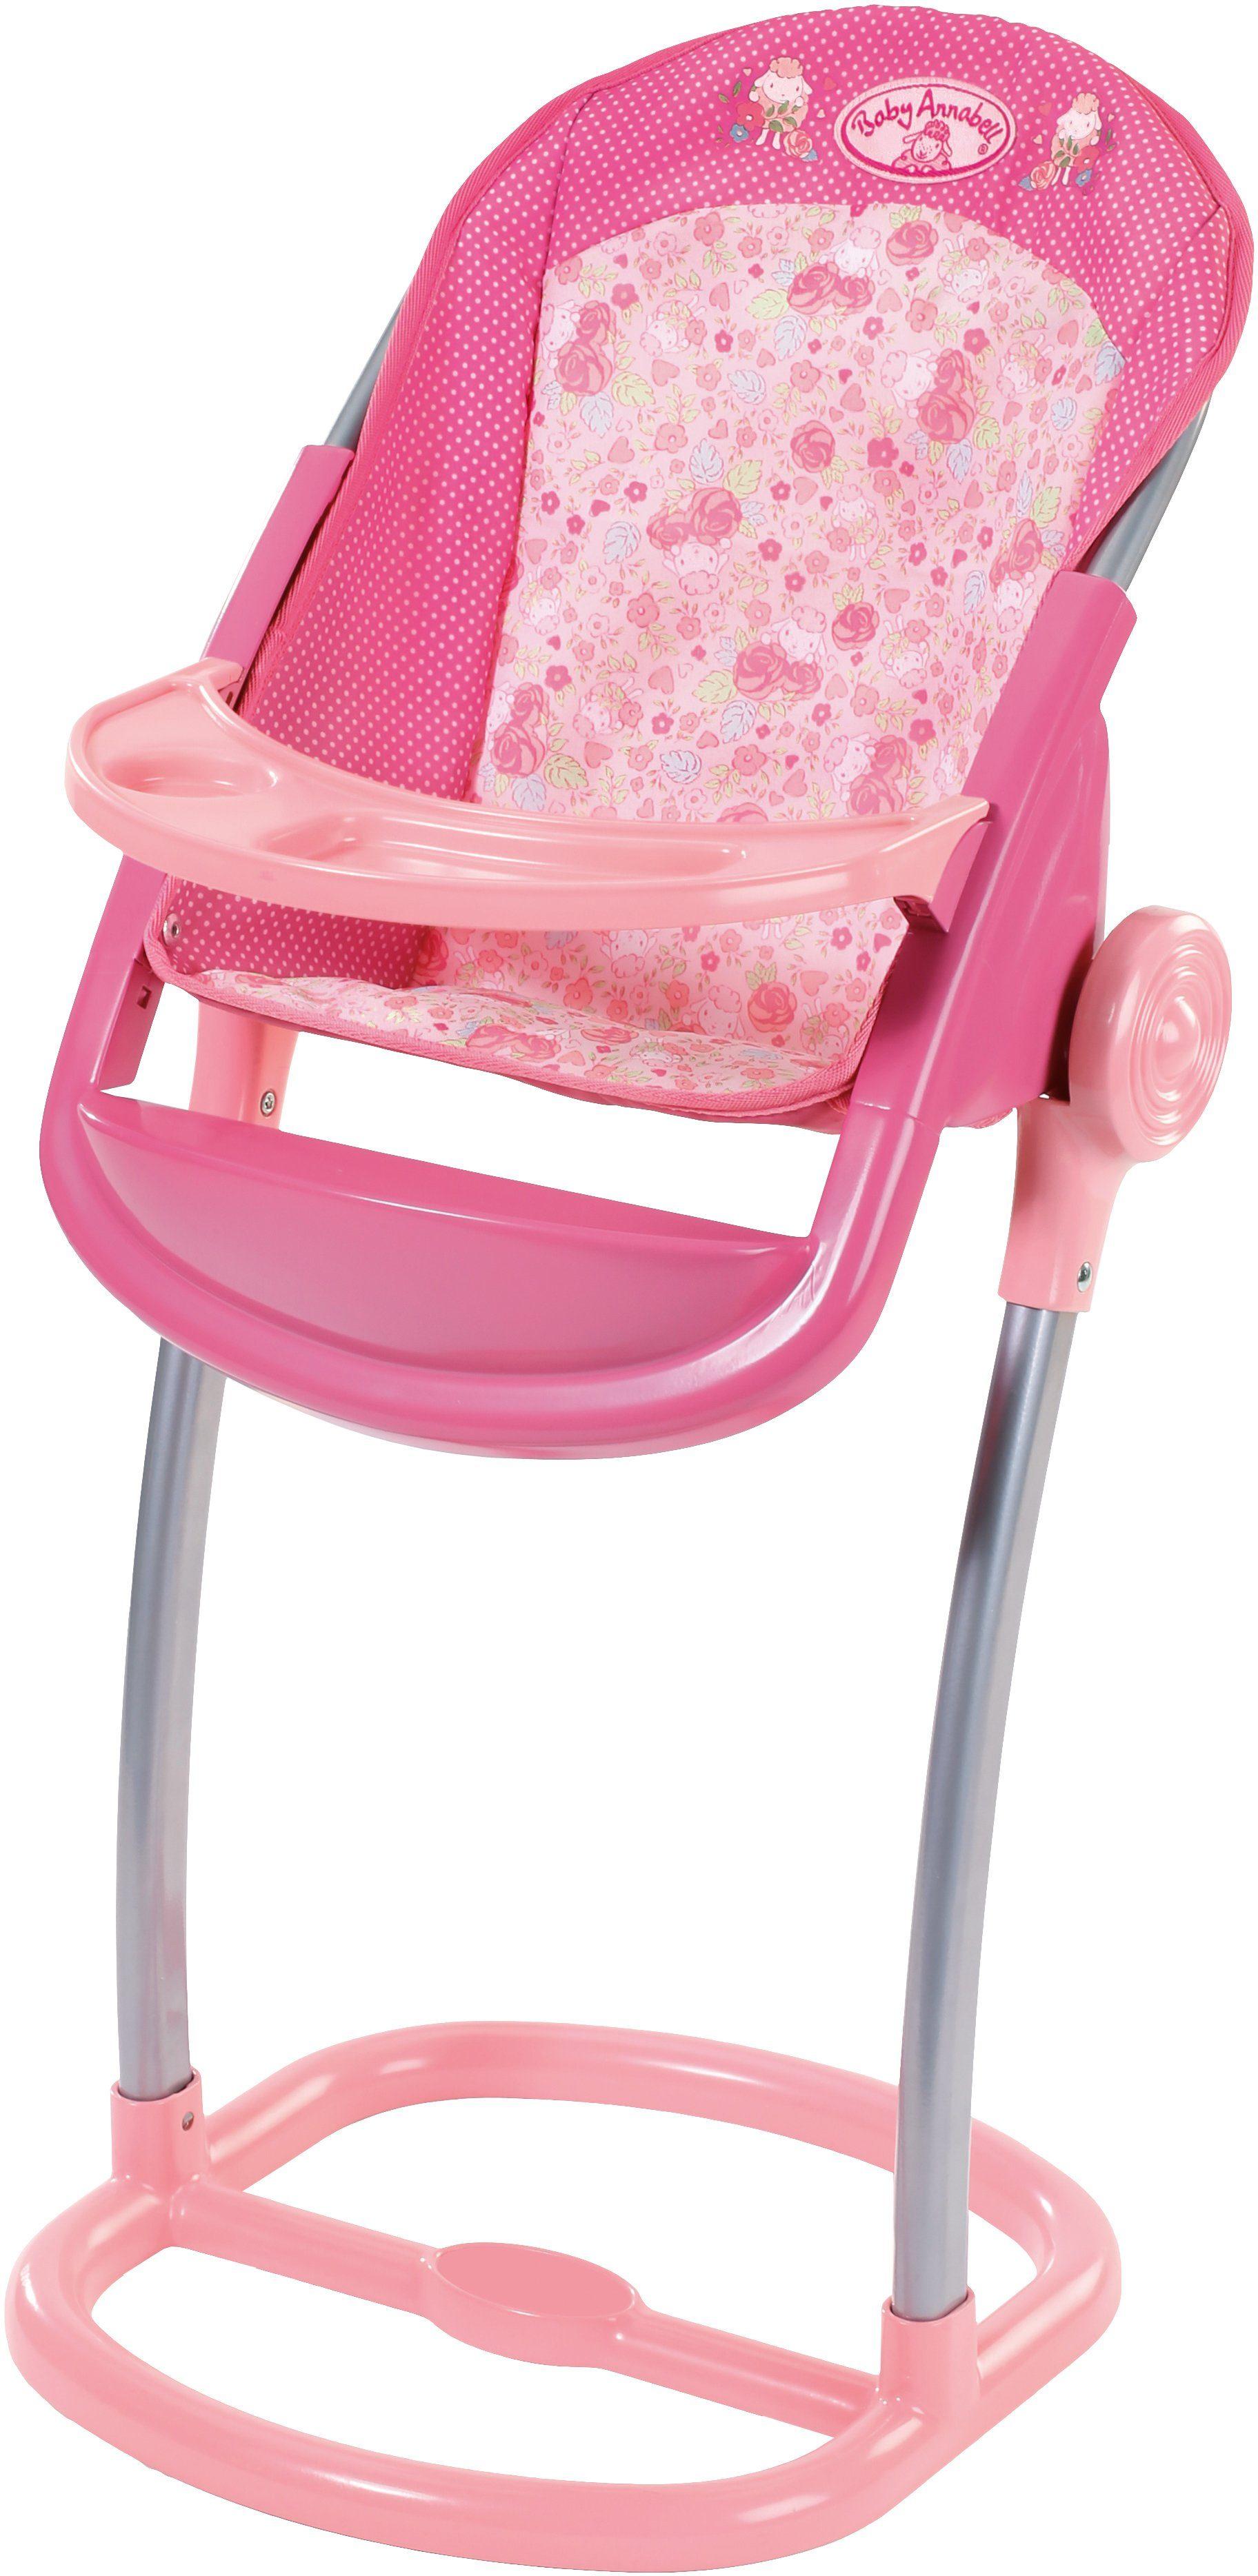 Zapf Creation Puppenhochstuhl mit Fußstütze, »Baby Annabell® Hochstuhl«